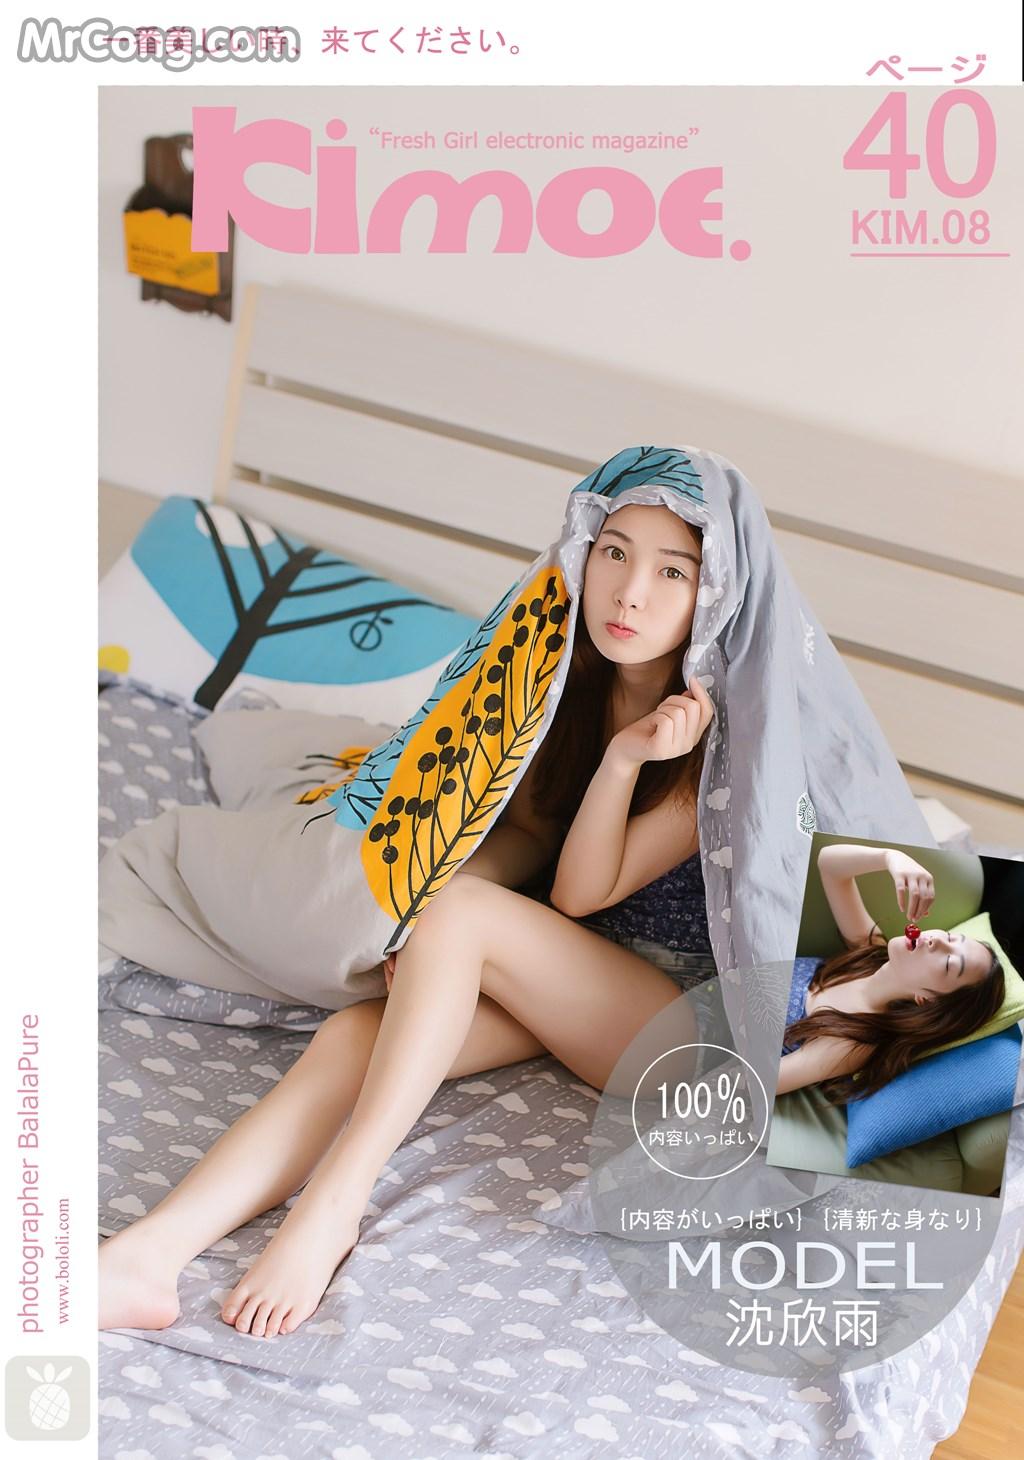 Kimoe Vol.008: Người mẫu Shen Xinyu (沈欣雨) (41 ảnh)